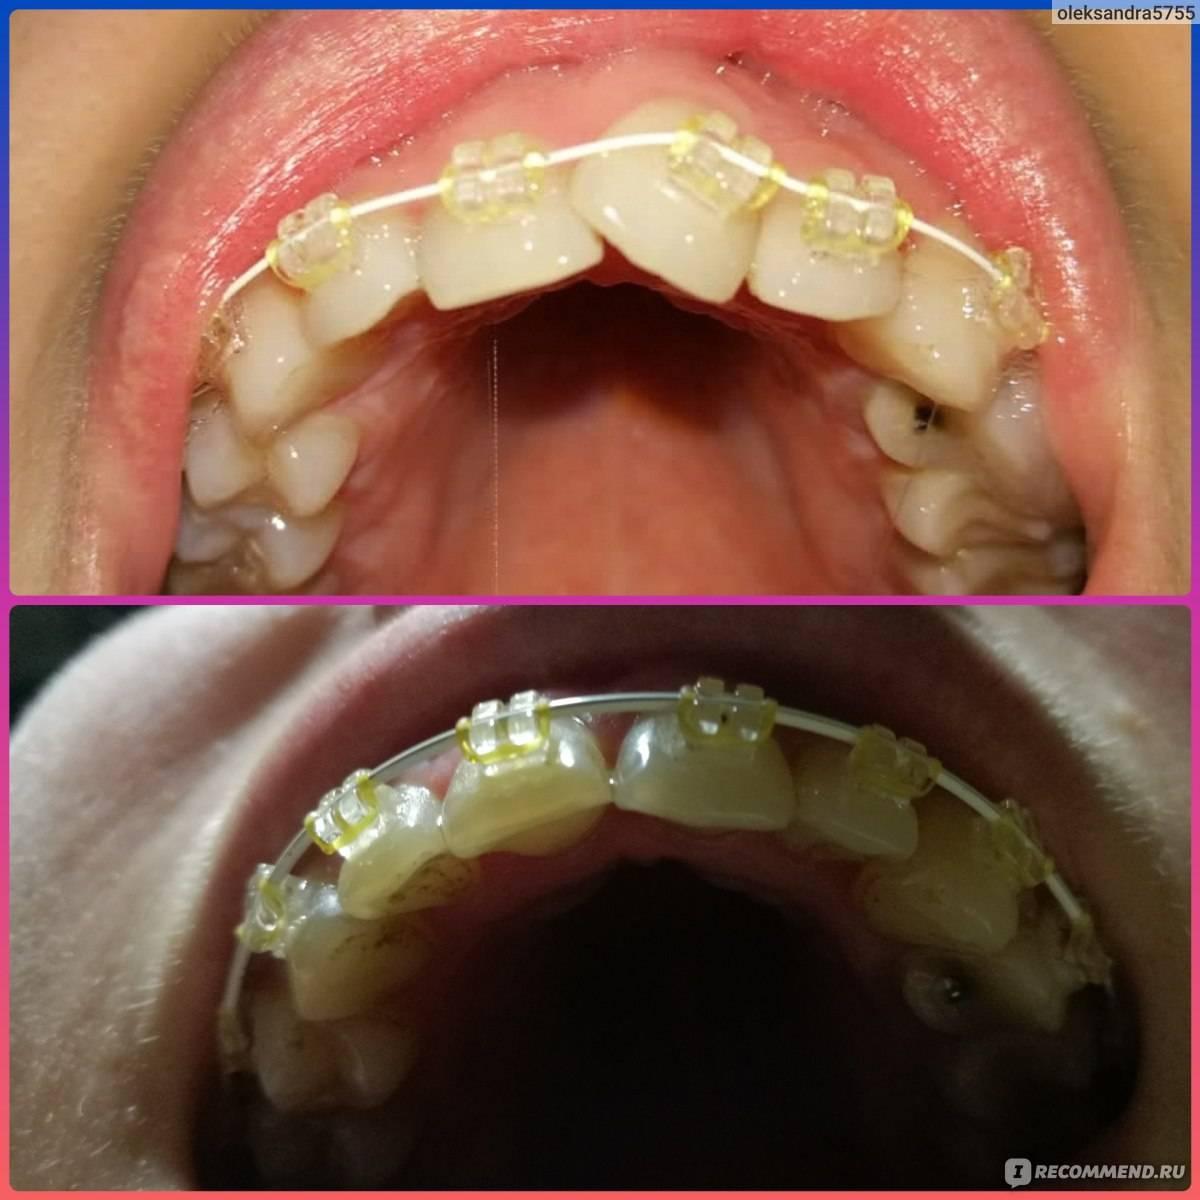 Шатаются зубы: что делать